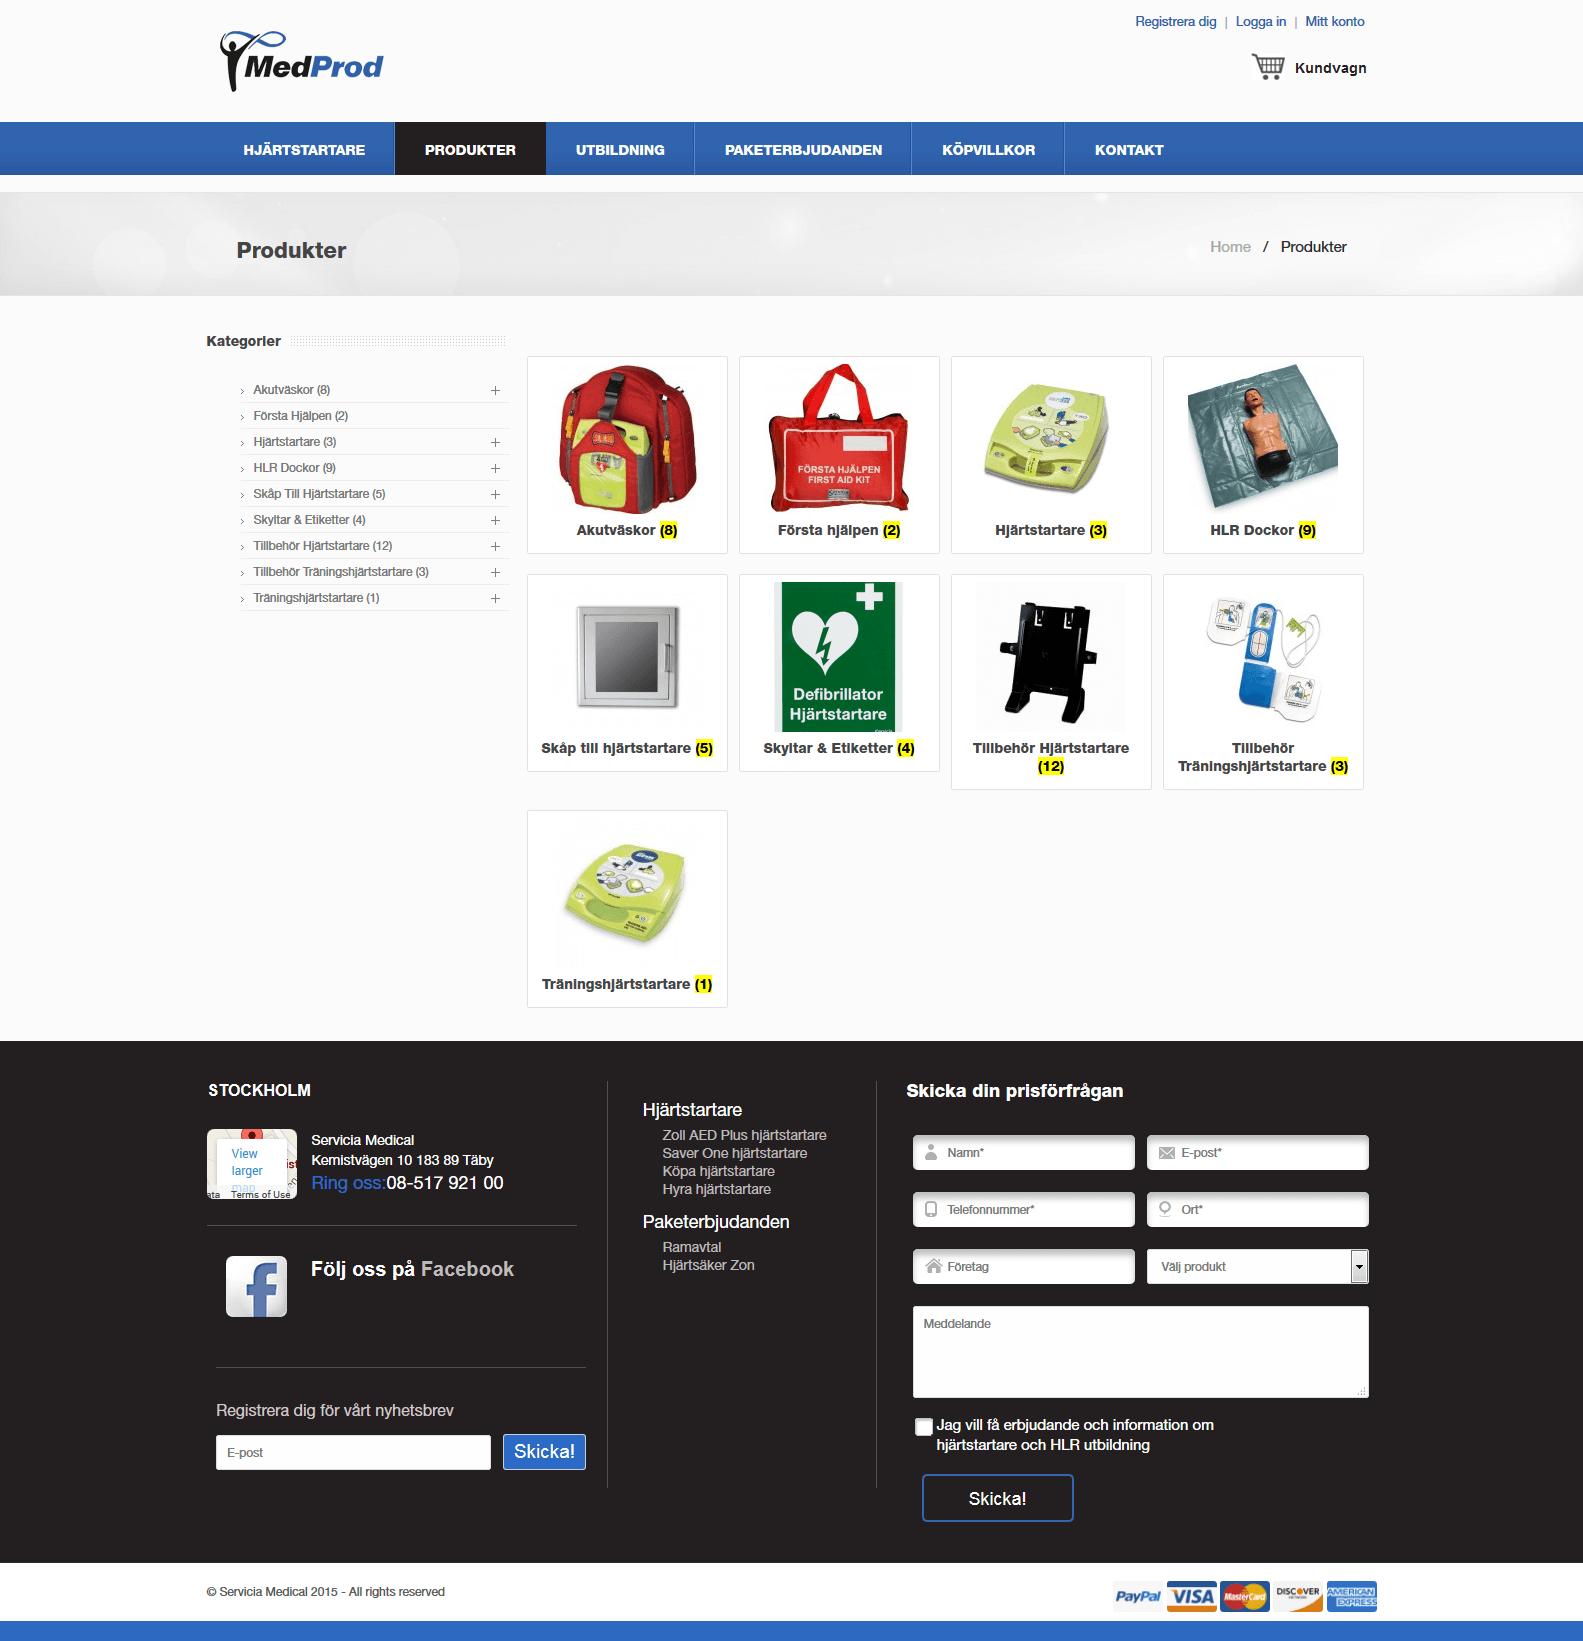 Med-Prod-Website Design And Developed By Lemosys